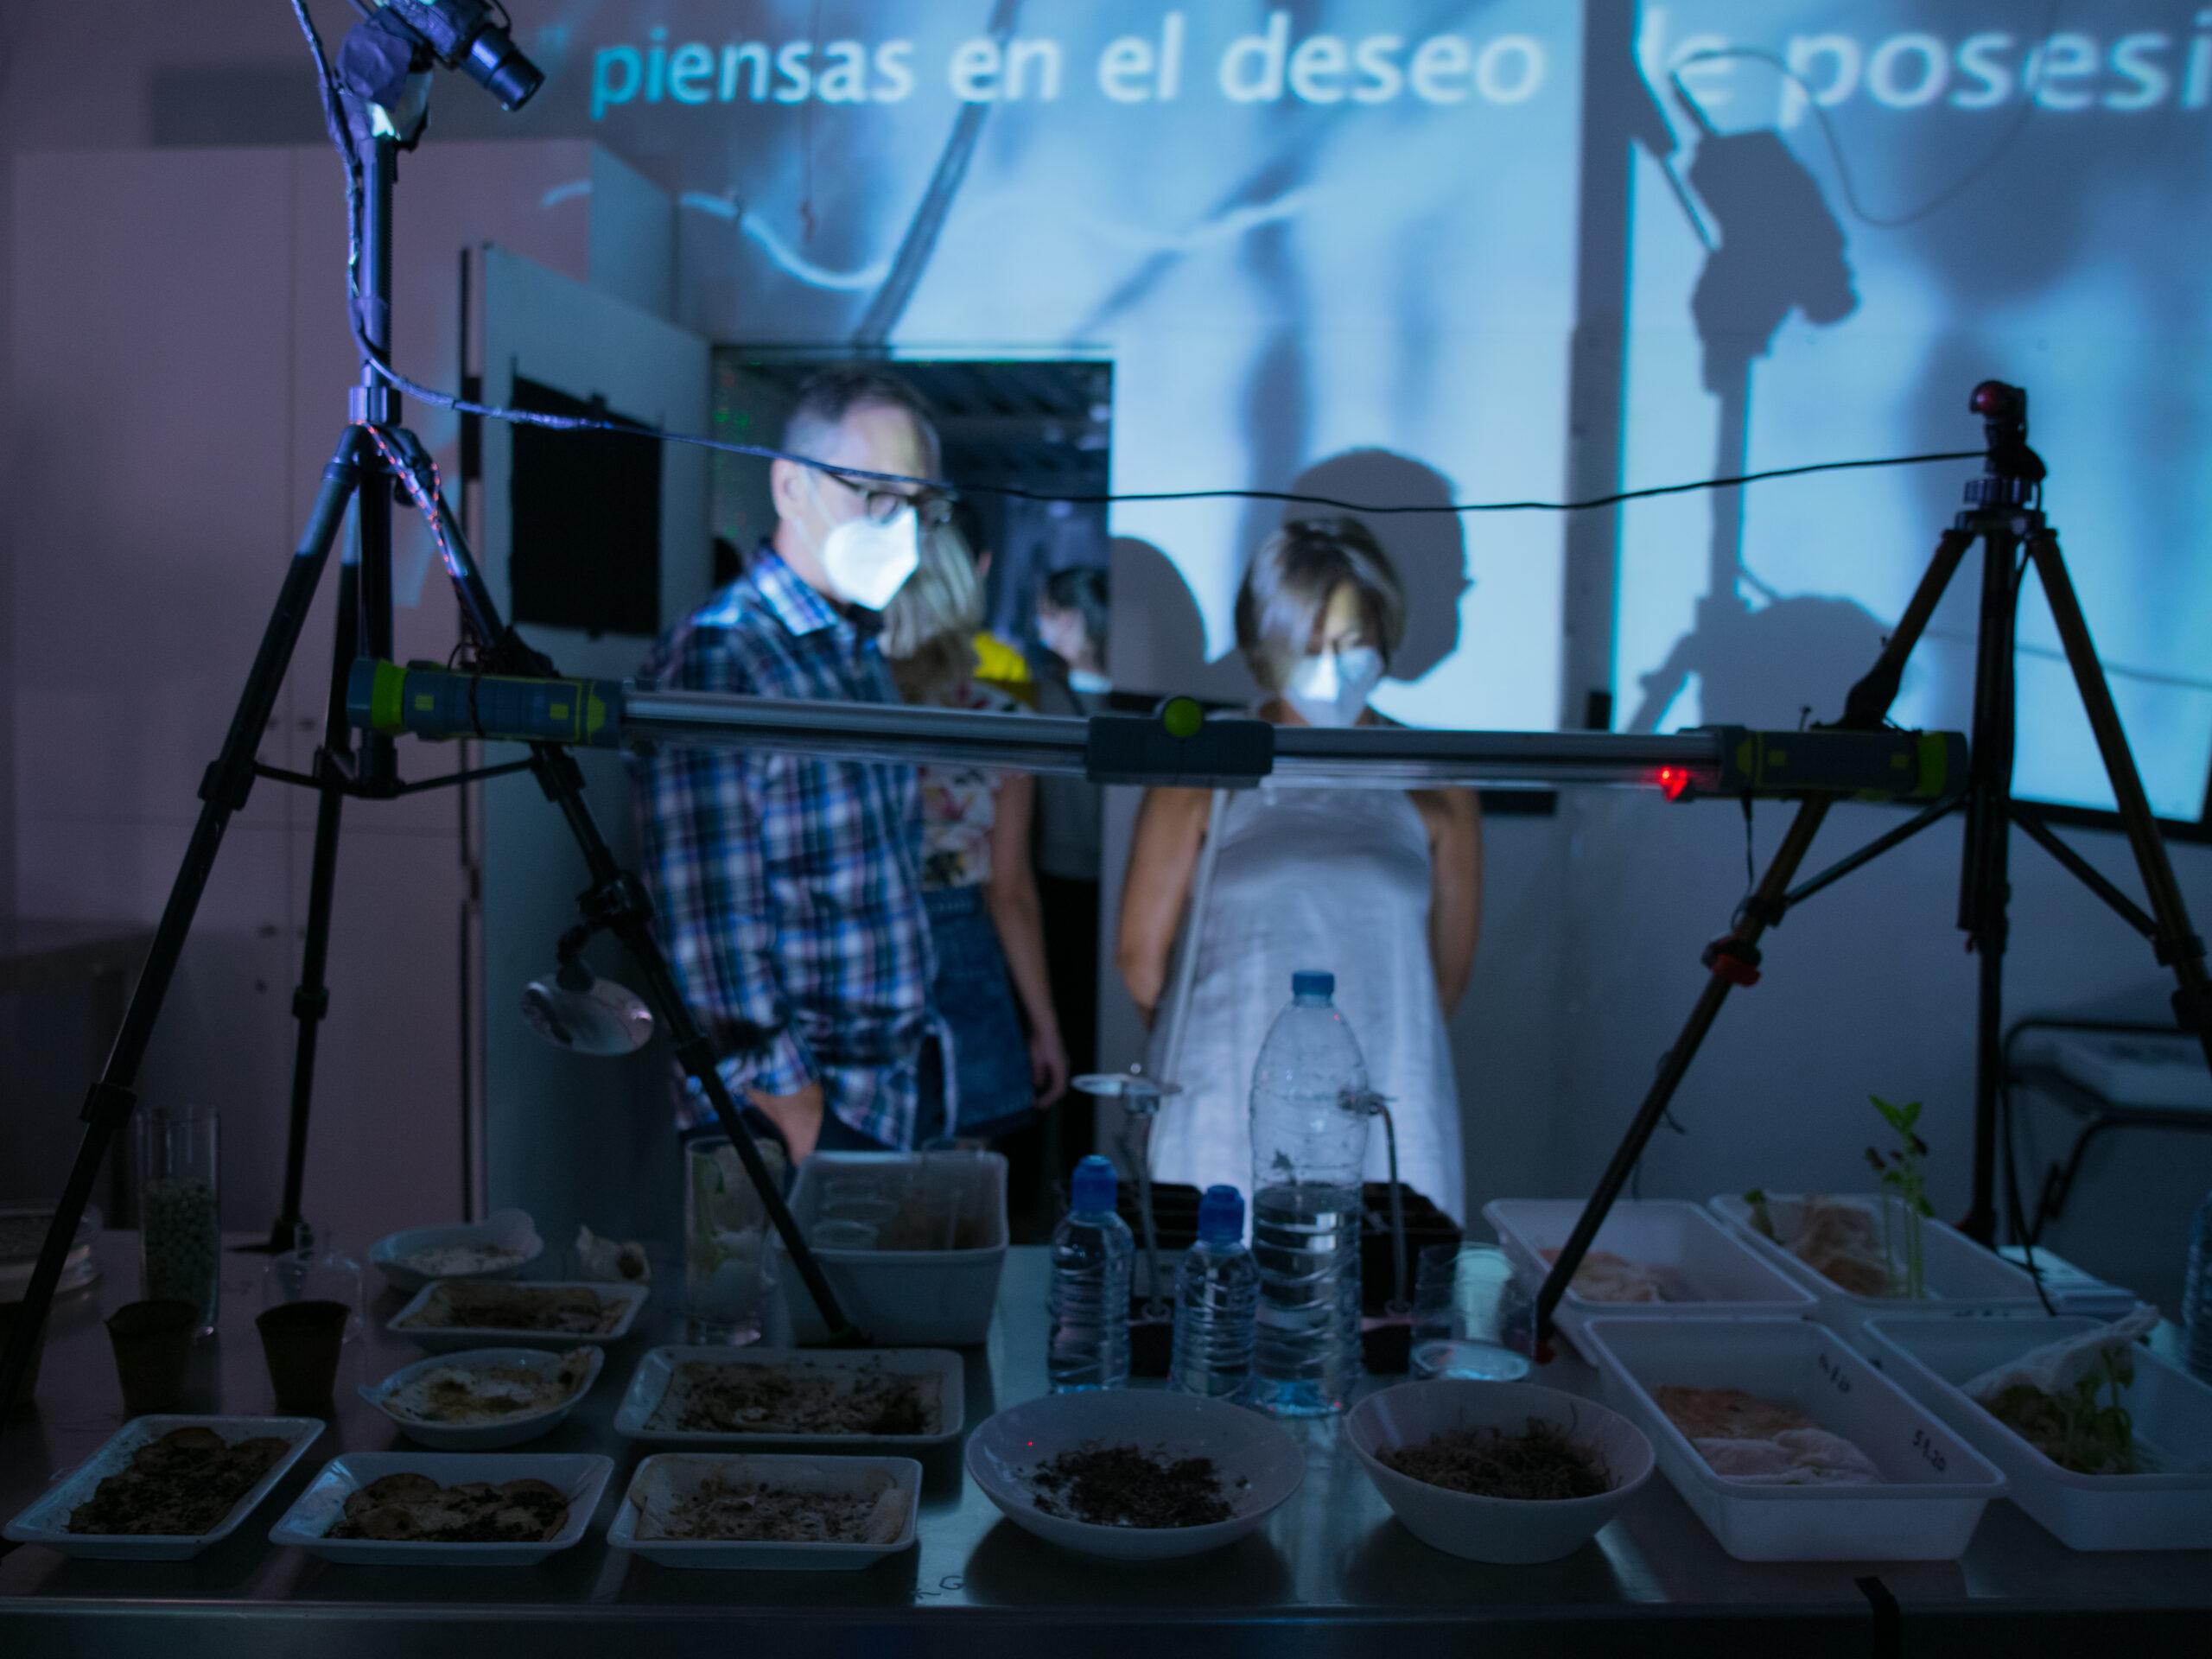 PROYECTOR2020_Instante_09.09.2020_Ina_Francisco Ruiz_Clara Ángel San José_00008